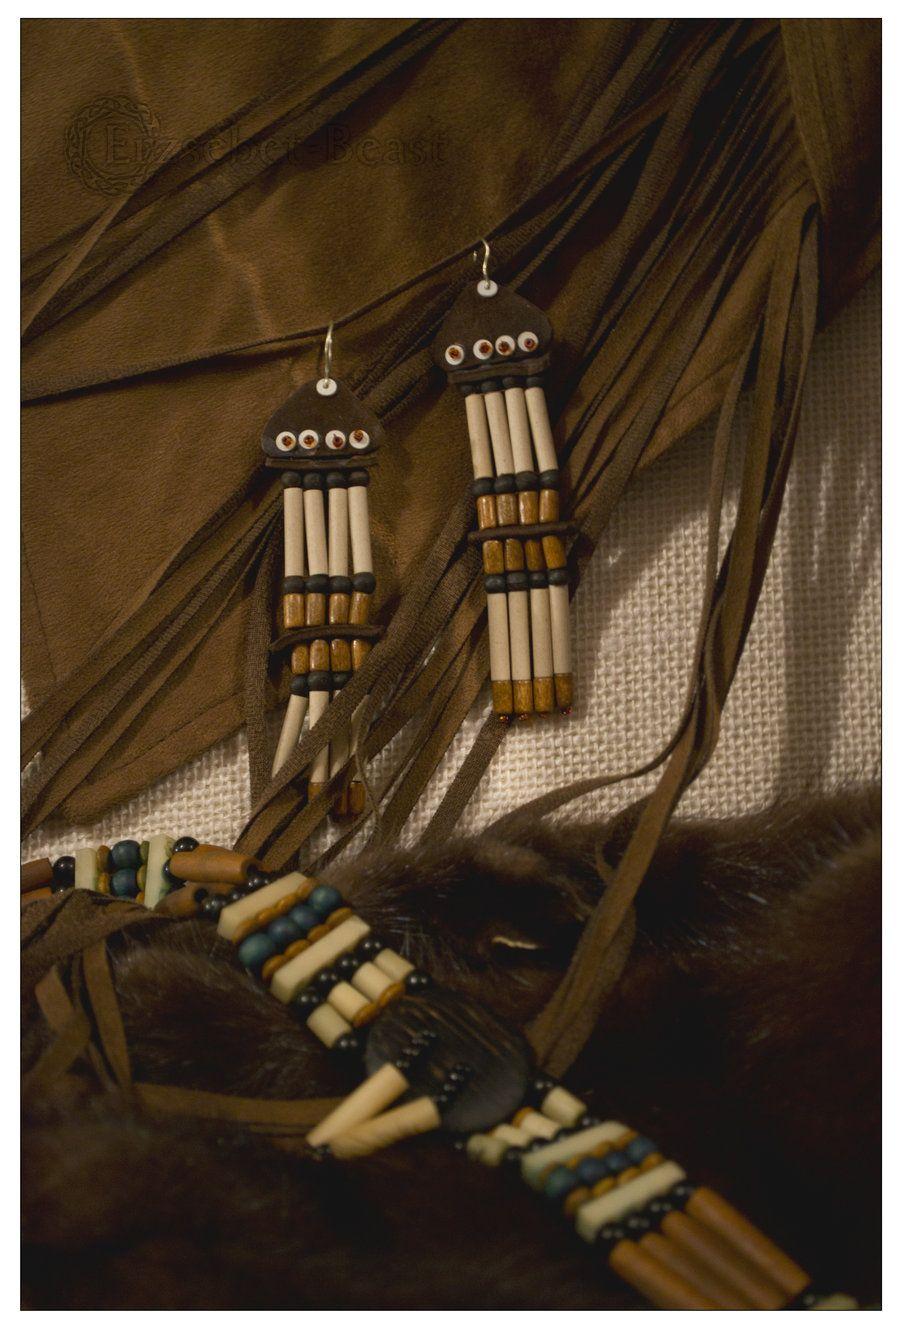 Earrings for the choker by erzsebet-beast.deviantart.com on @DeviantArt